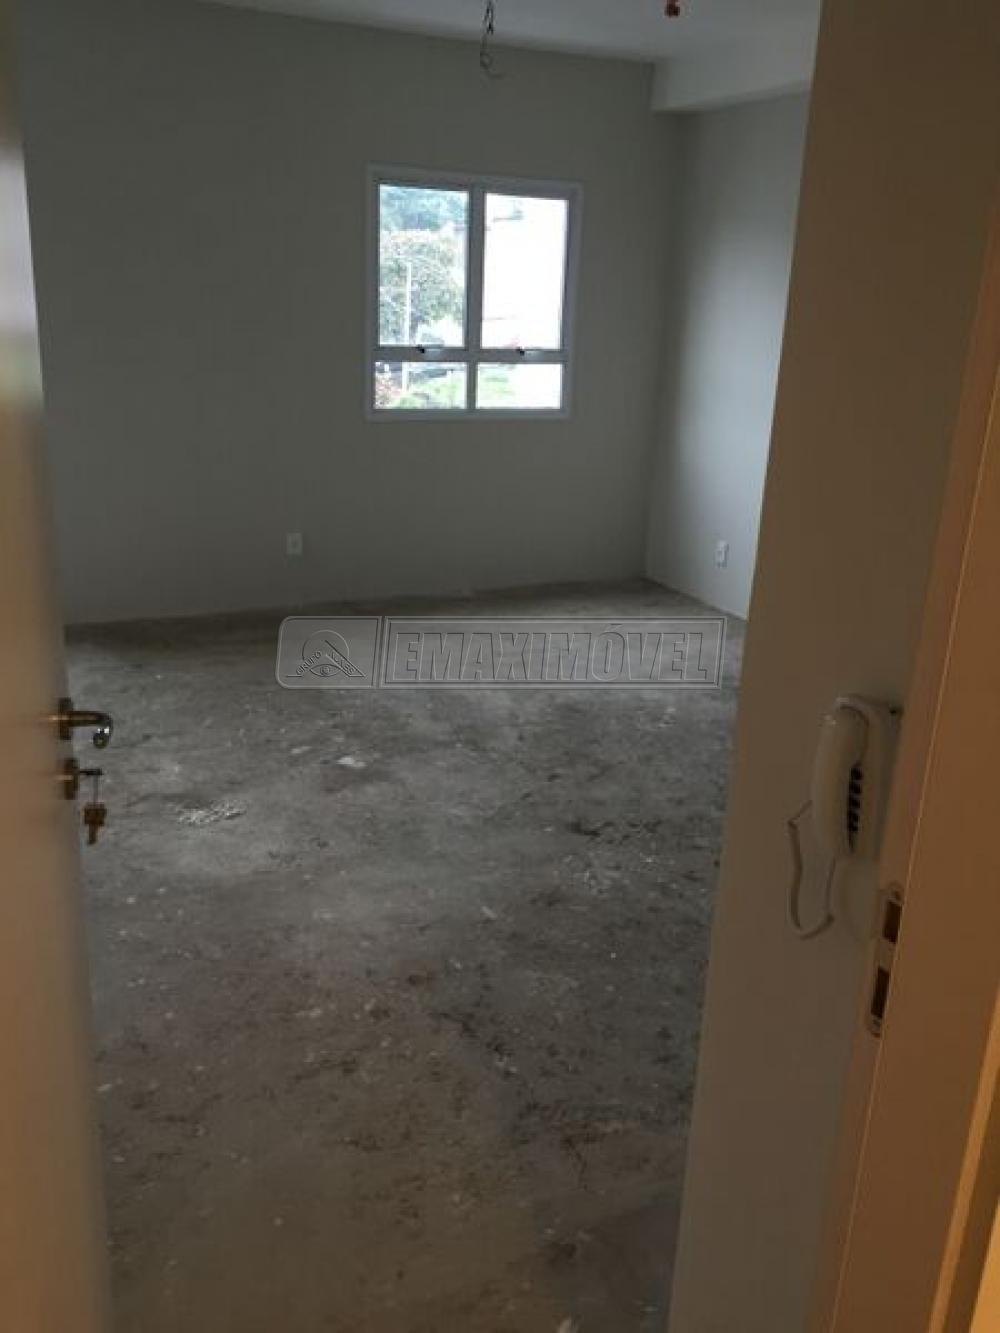 Alugar Sala Comercial / em Condomínio em Sorocaba R$ 2.600,00 - Foto 8